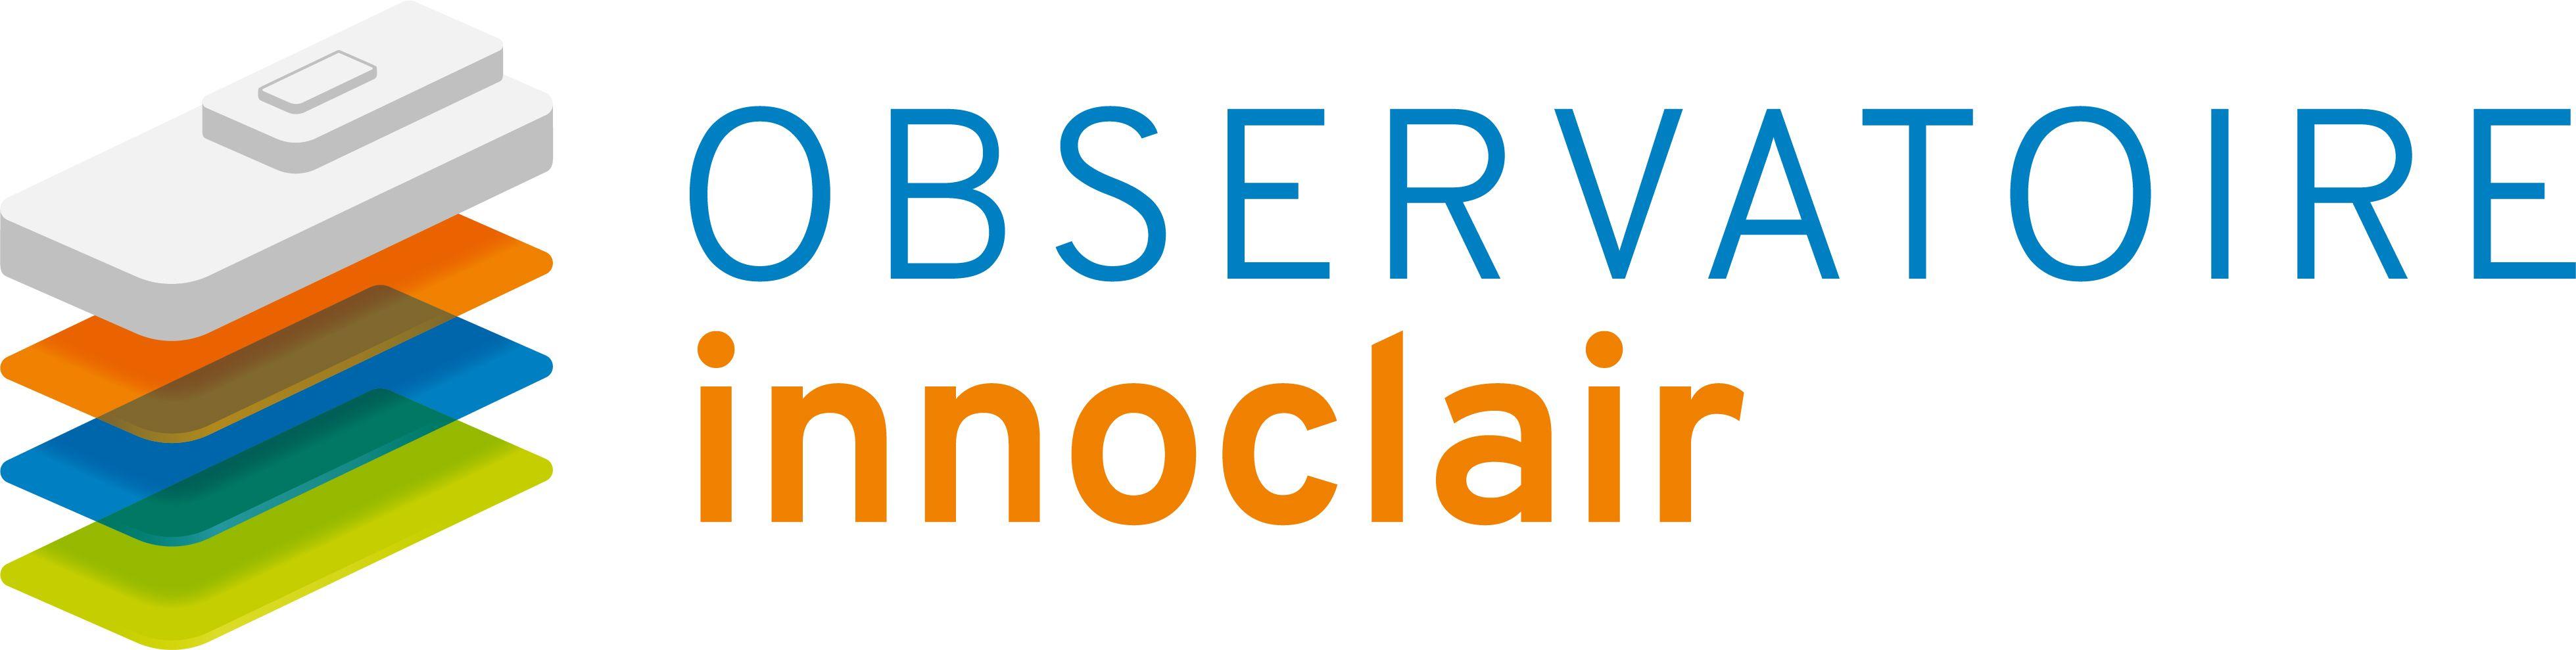 observatoire_innoclair_logo_rvb